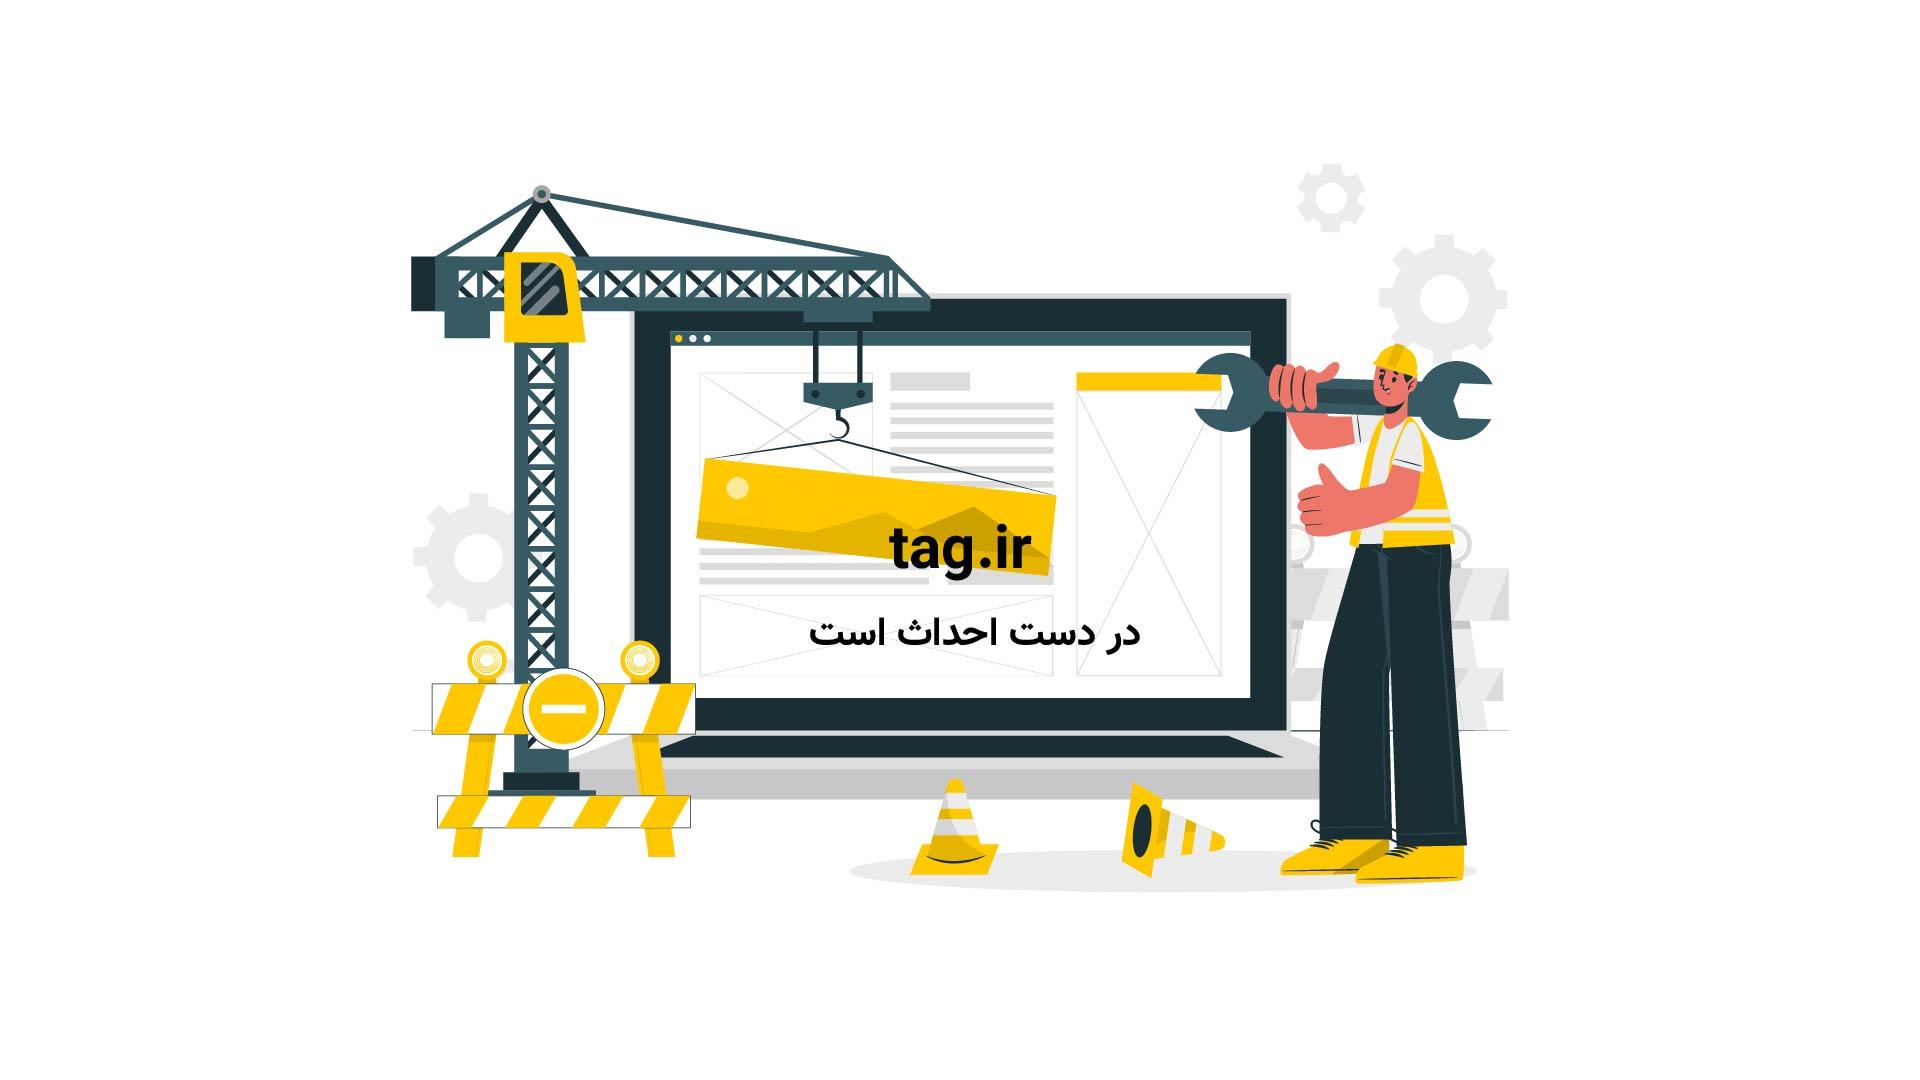 """نمایش قدرت """" تانک تی – ۹۰ """" روسیه   فیلم"""